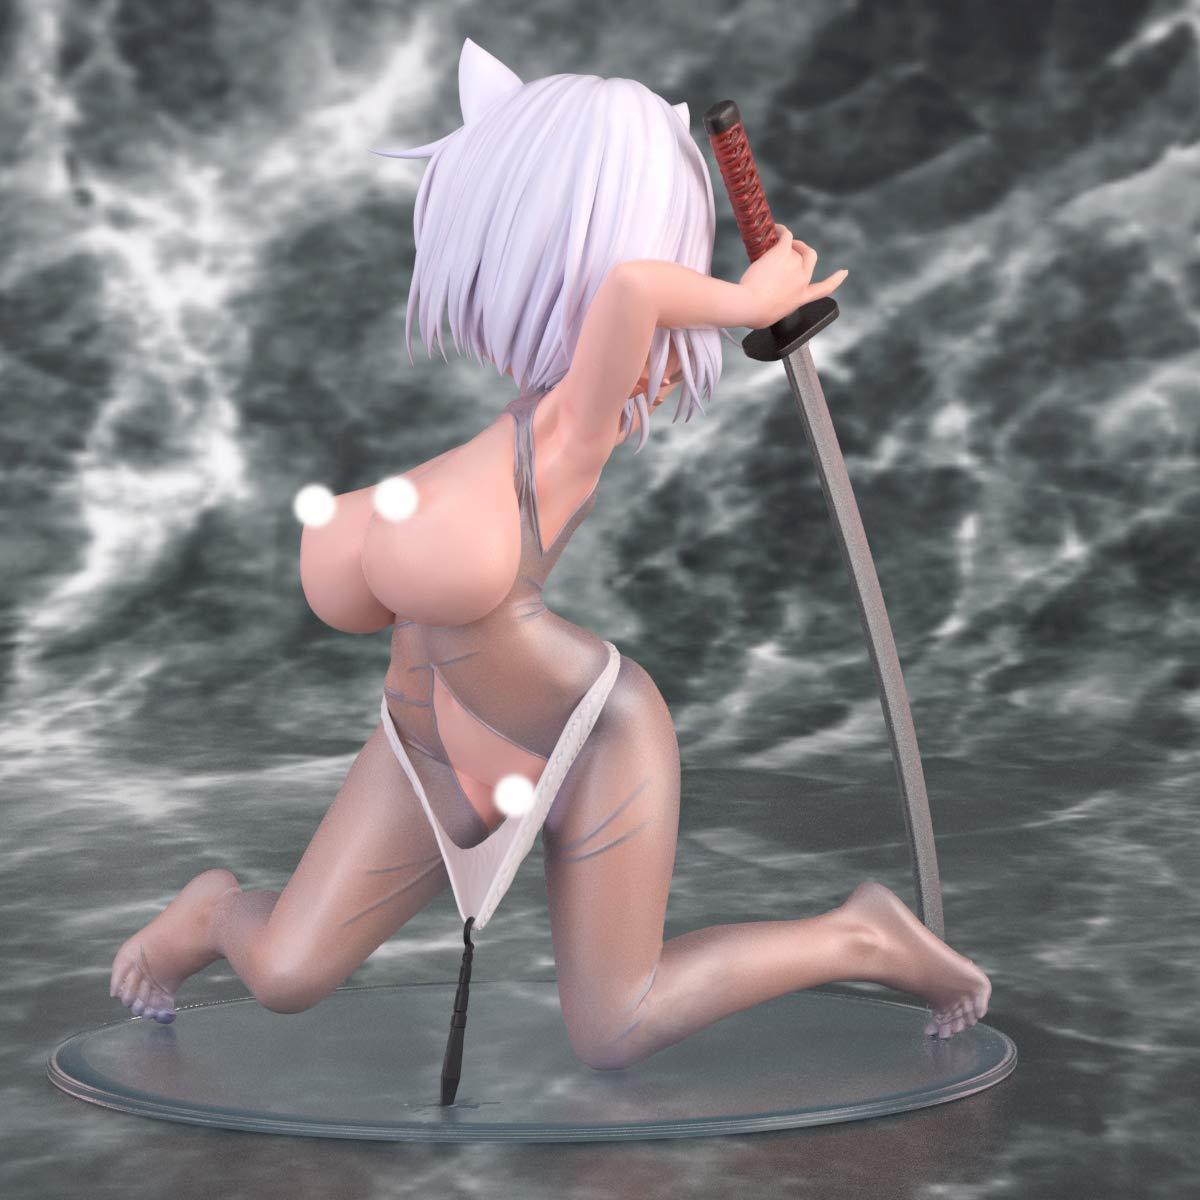 オリジナルキャラクター『神山 巨乳脱衣ver』1/5 完成品フィギュア-006